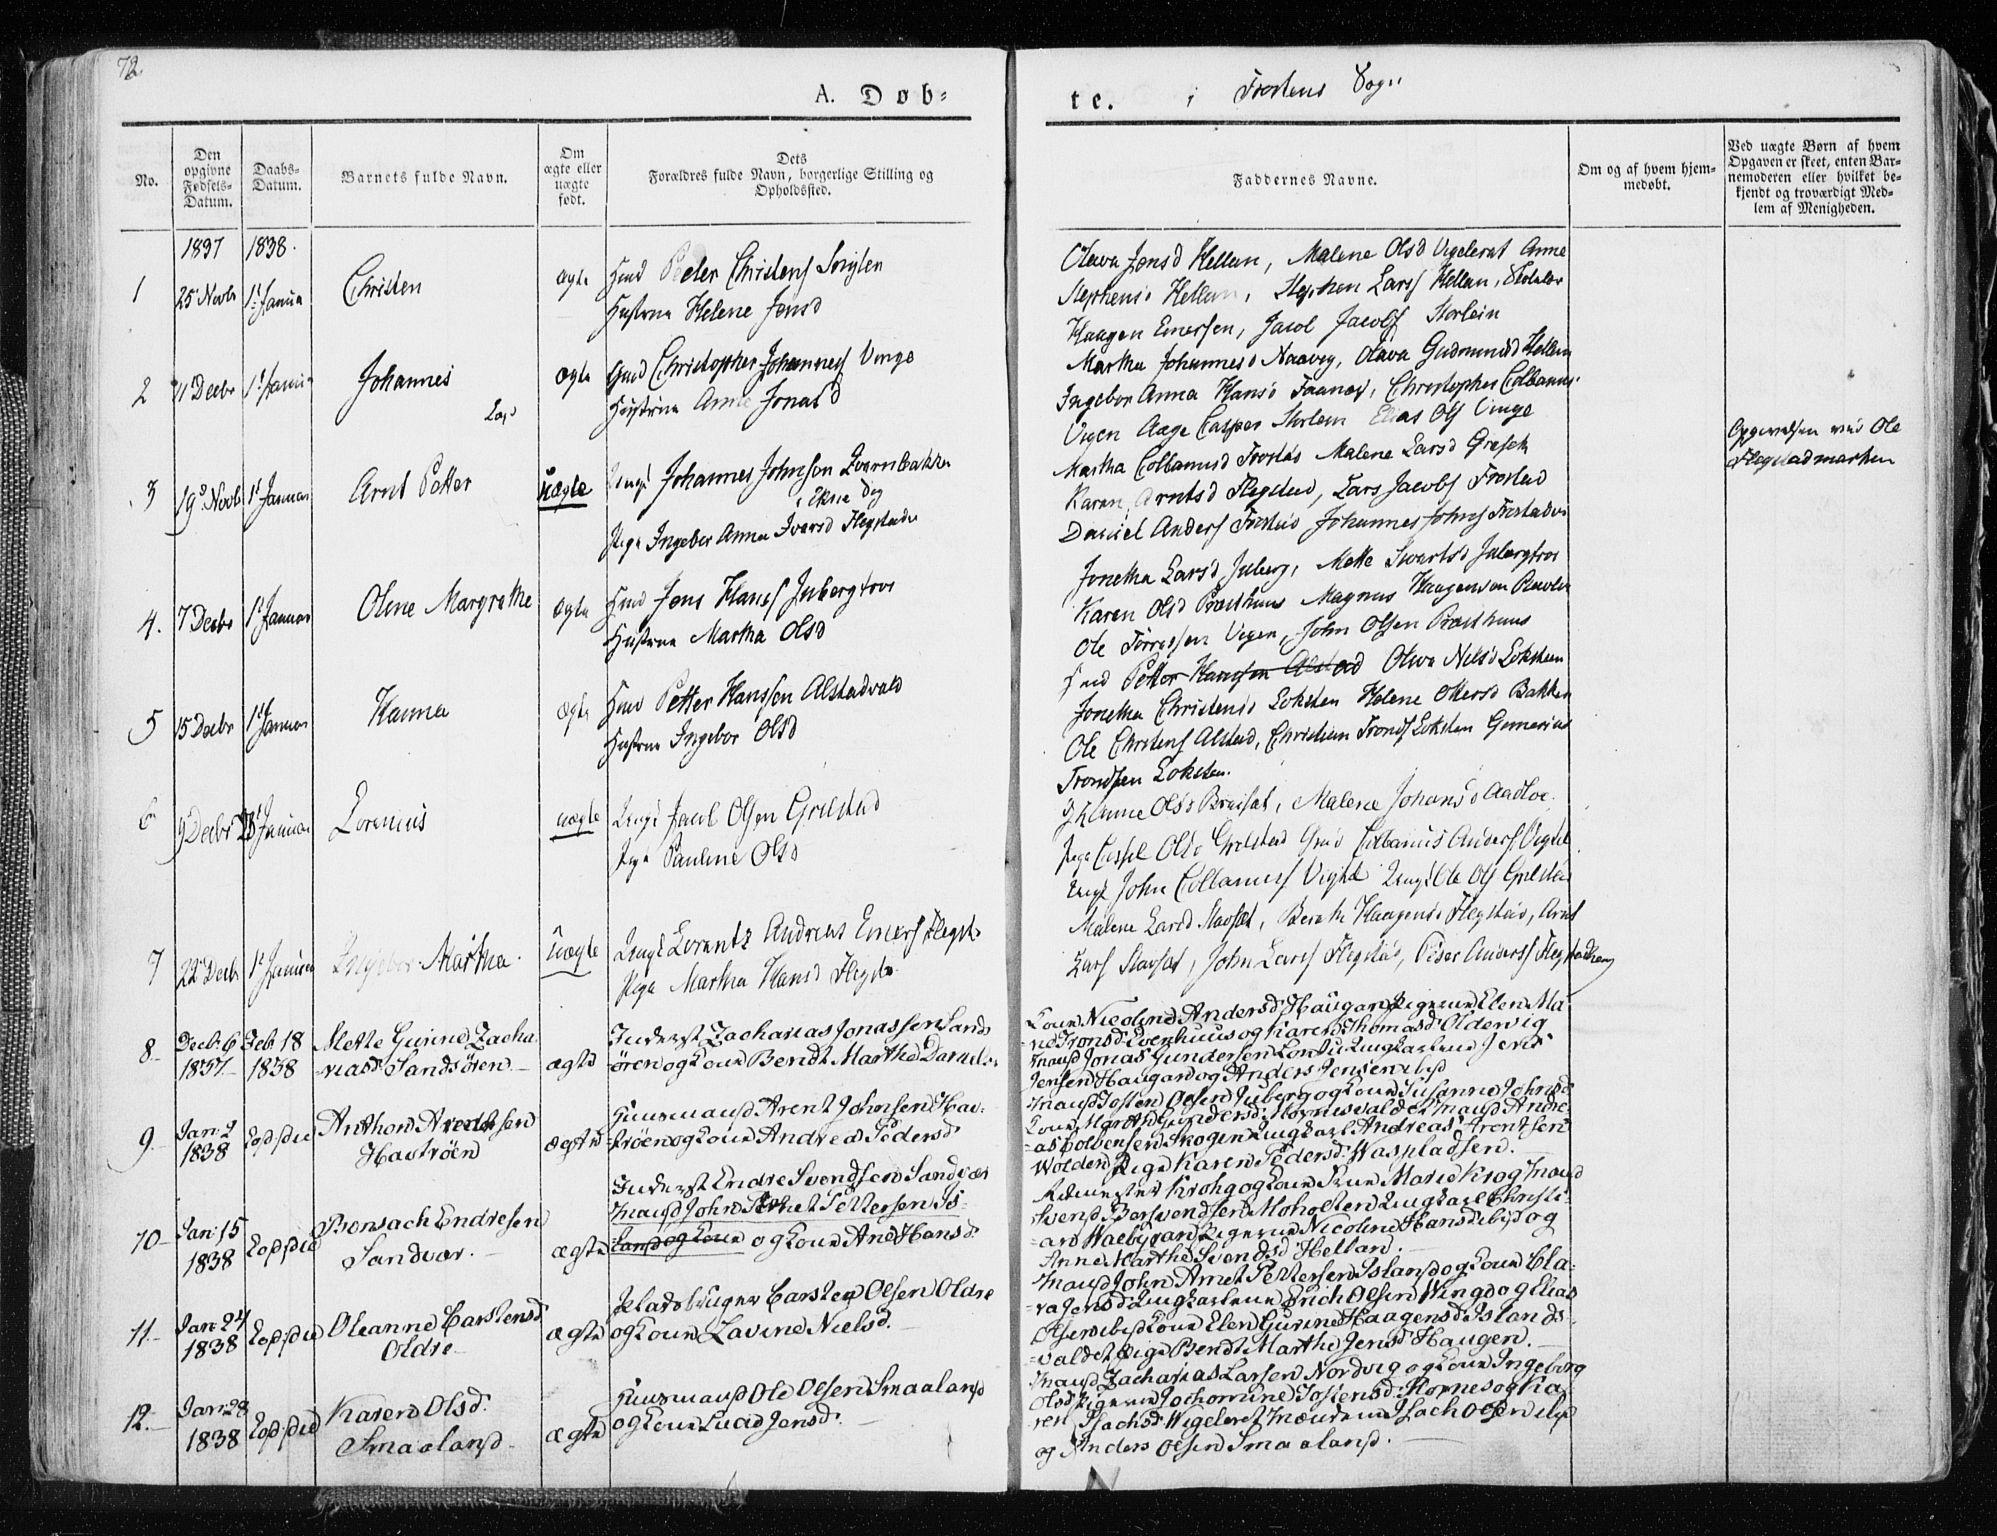 SAT, Ministerialprotokoller, klokkerbøker og fødselsregistre - Nord-Trøndelag, 713/L0114: Ministerialbok nr. 713A05, 1827-1839, s. 72